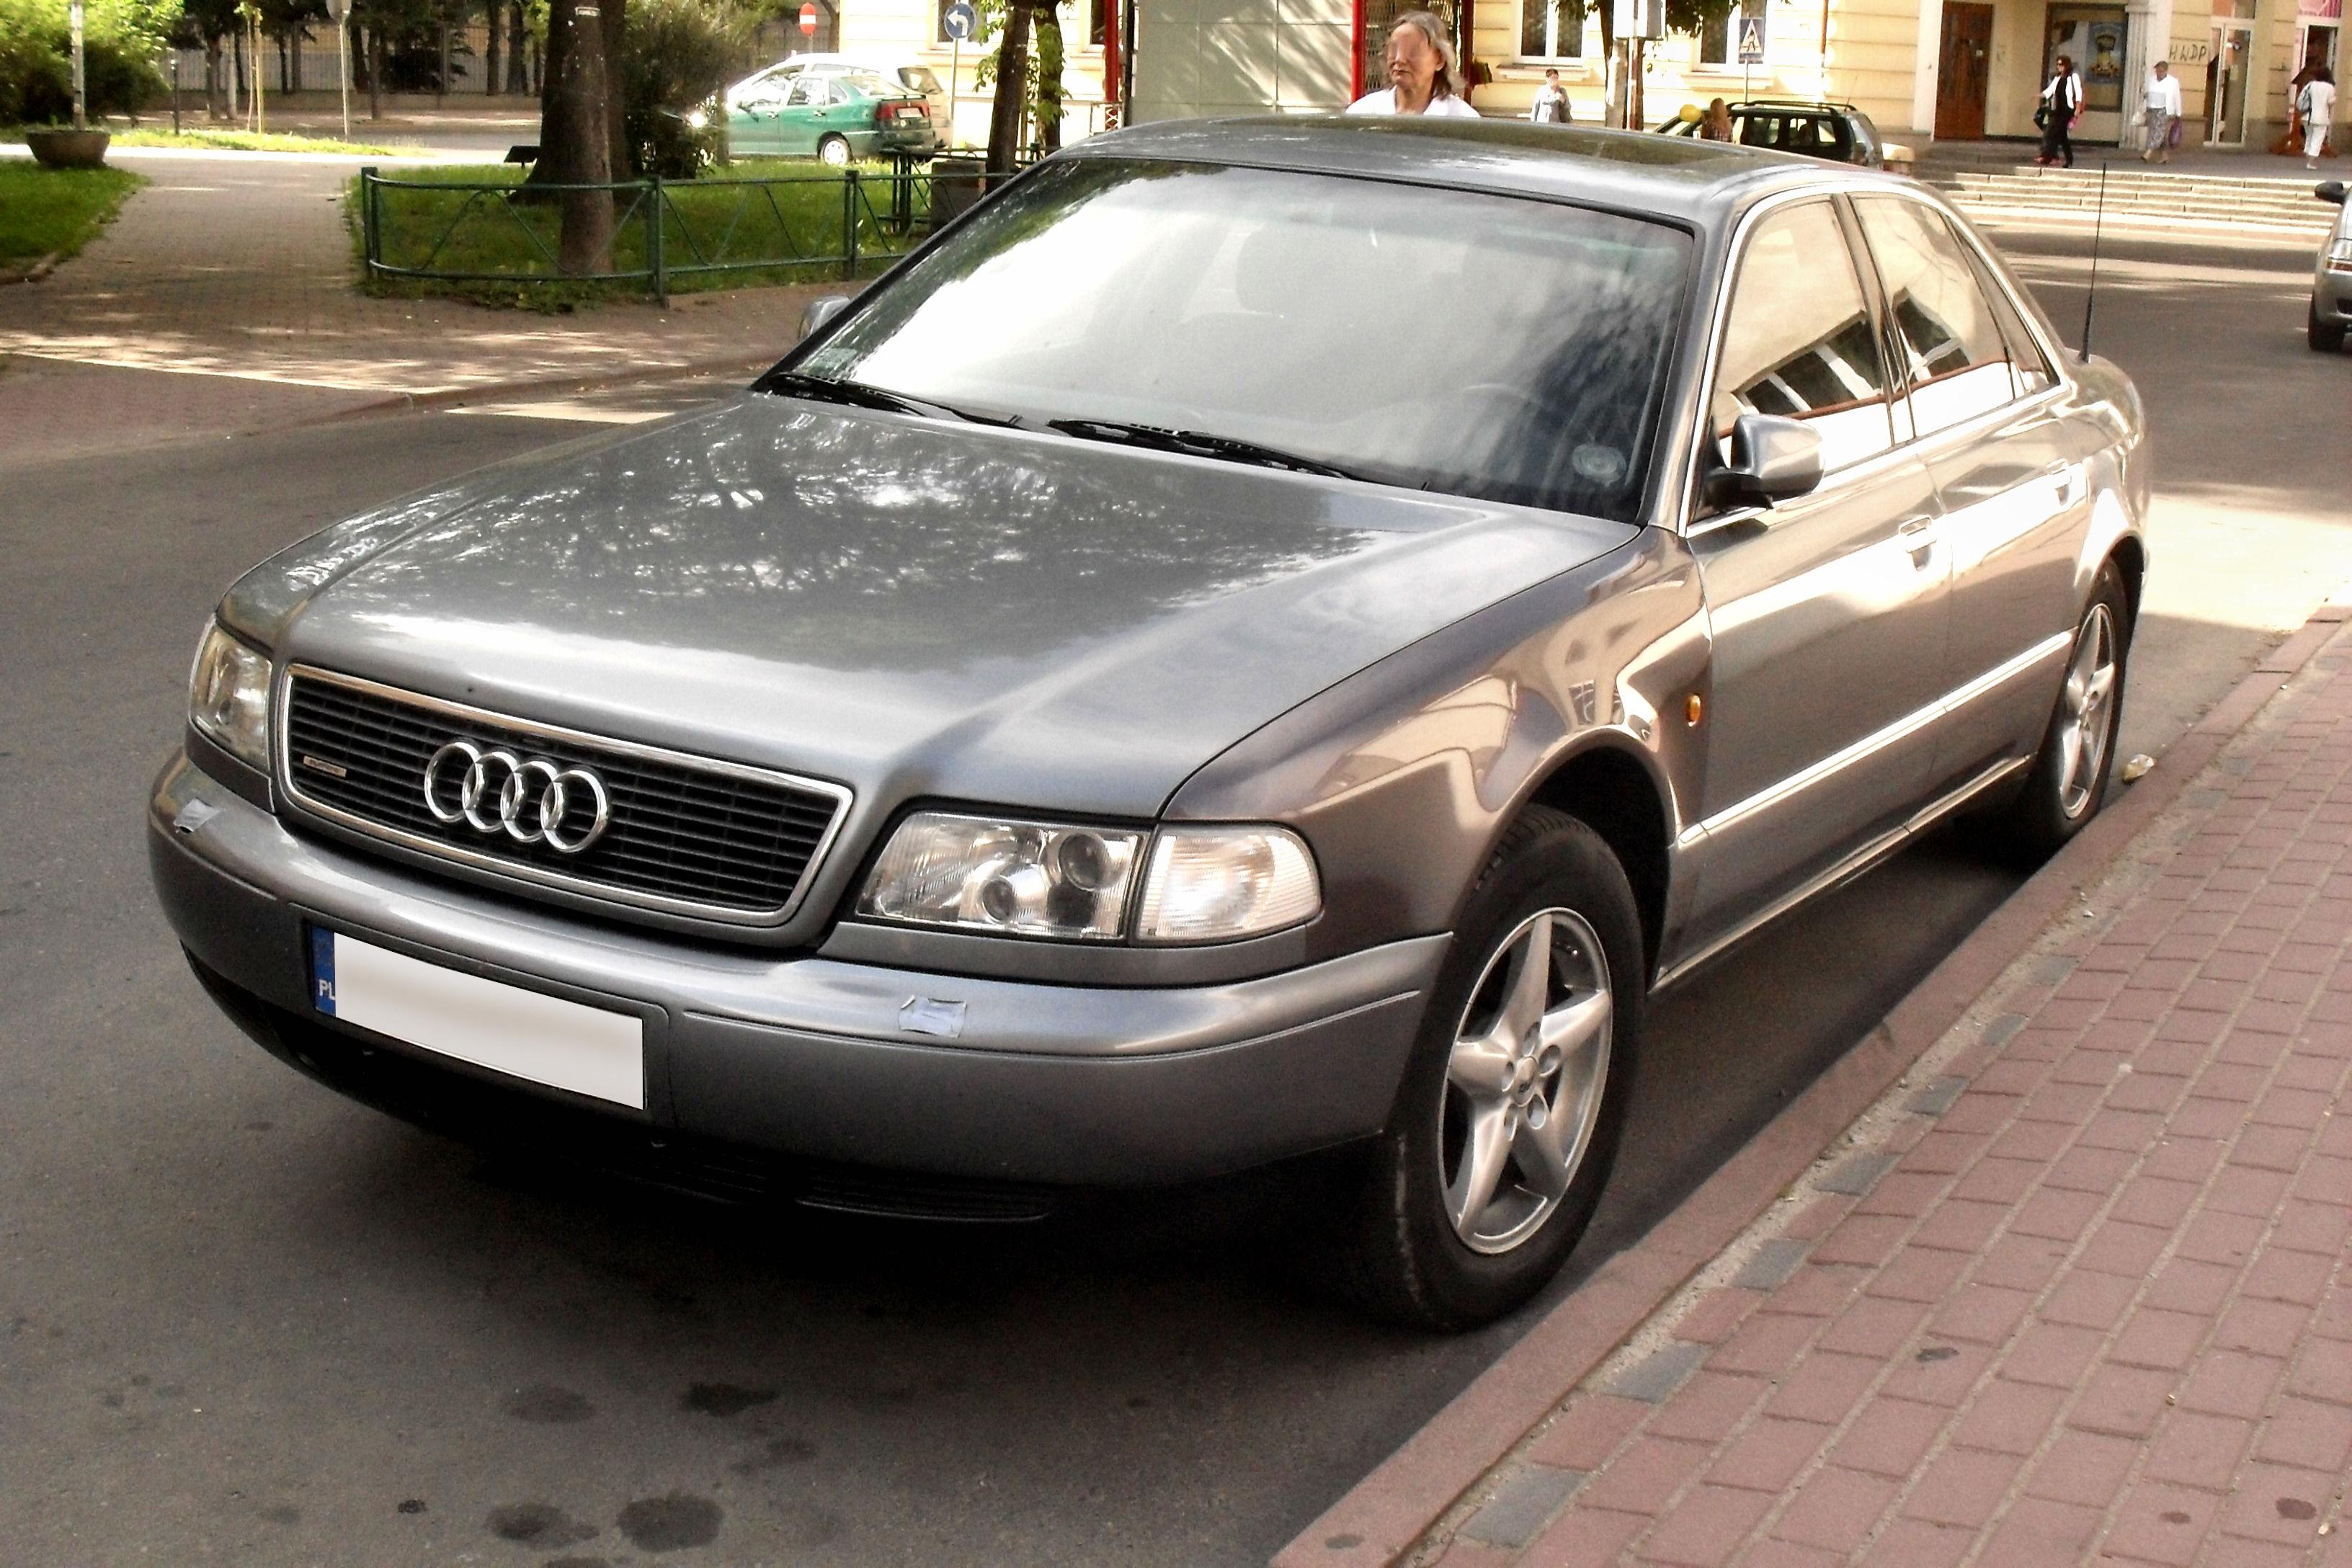 File Audi A8 D2 3 7 Quattro 2 Jasło Jpg Wikimedia Commons